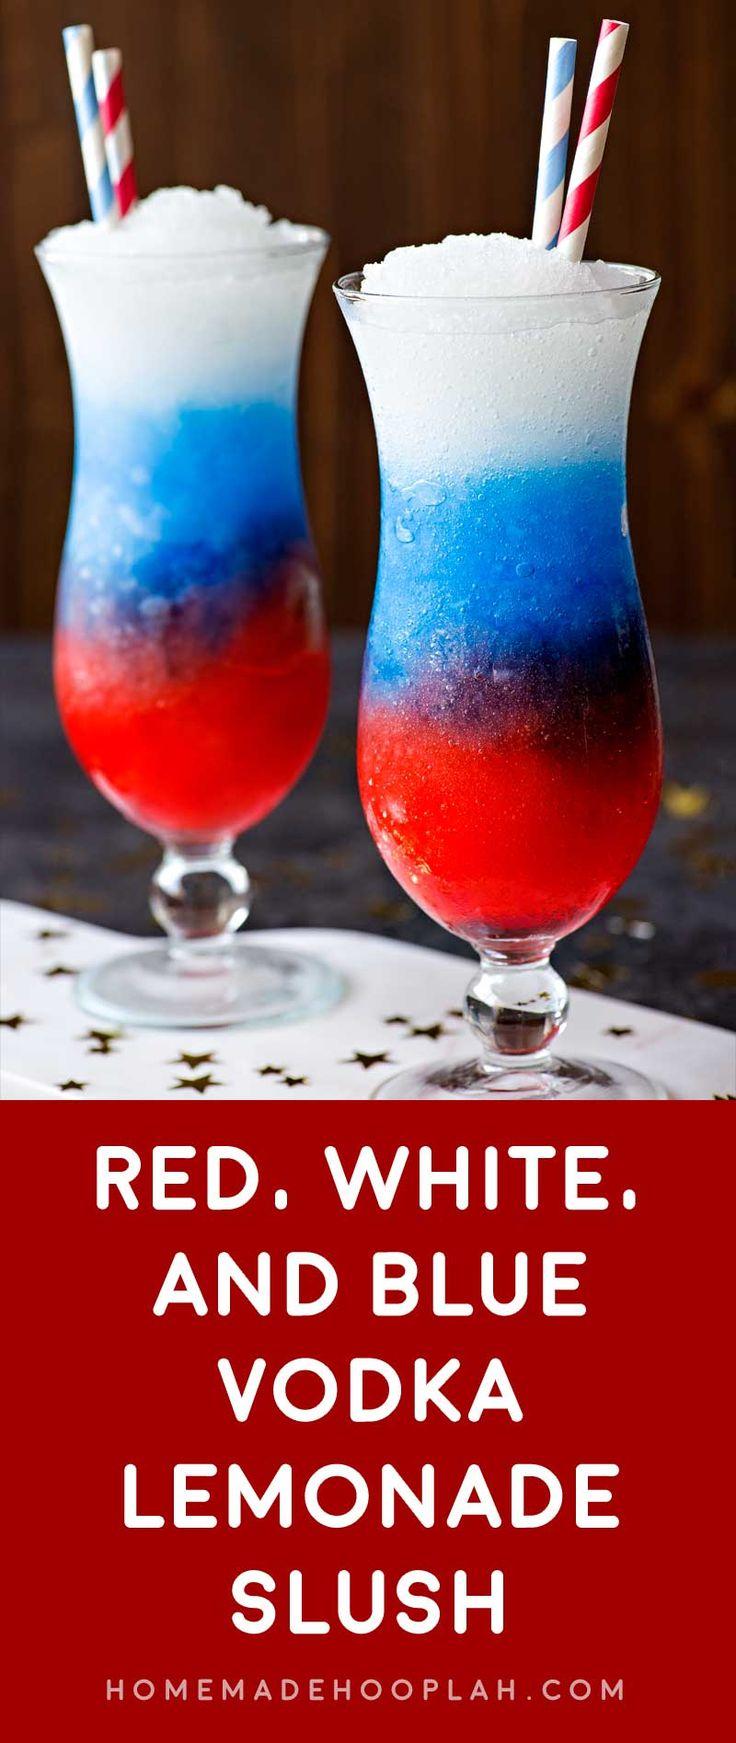 Red White and Blue Vodka Lemonade Slush